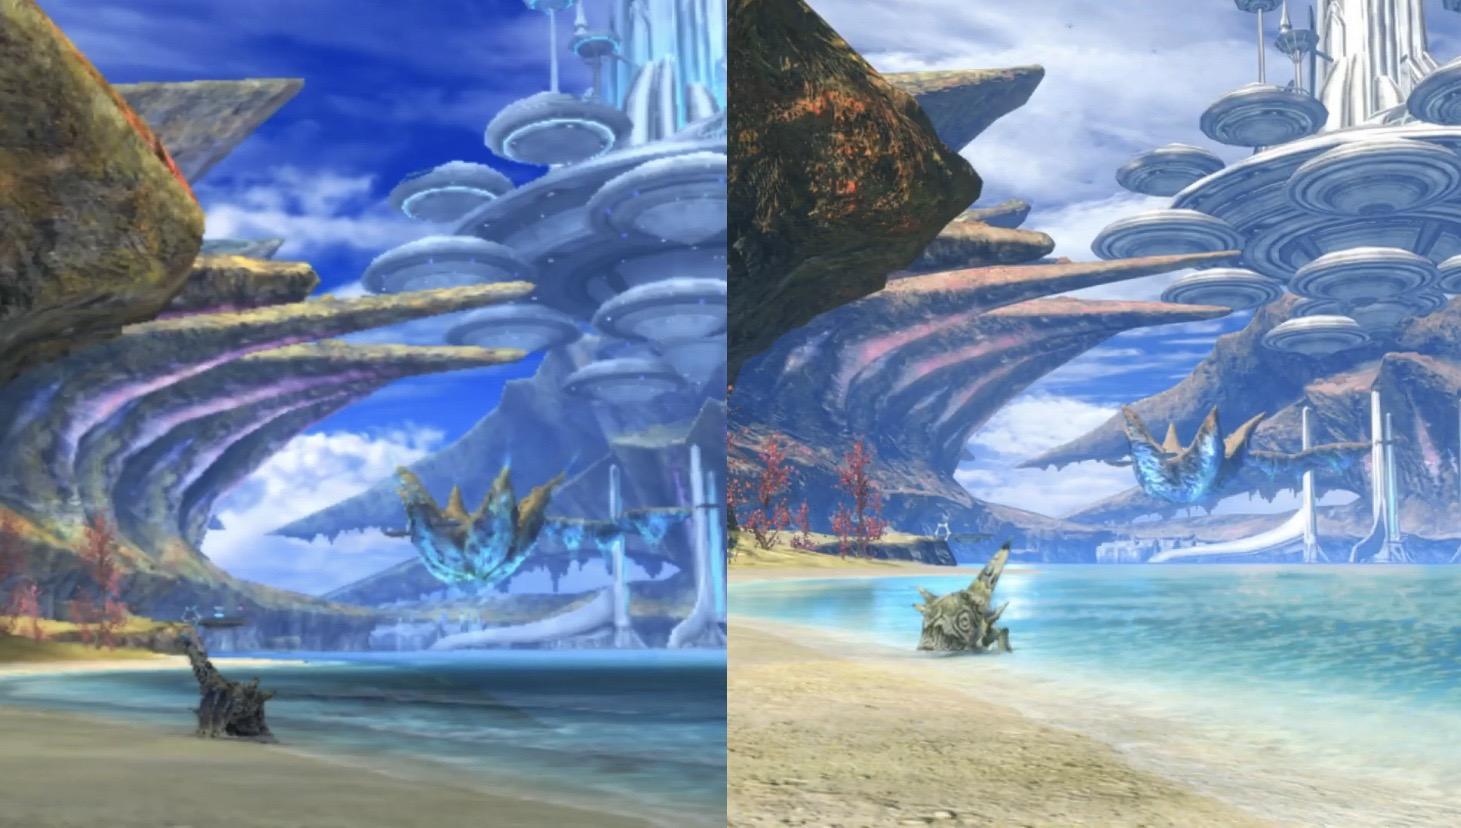 QrDynWq - 【朗報】ゼノブレイドDE、正確な画像比較によりフィールドも全面的に作り直されていたと判明する